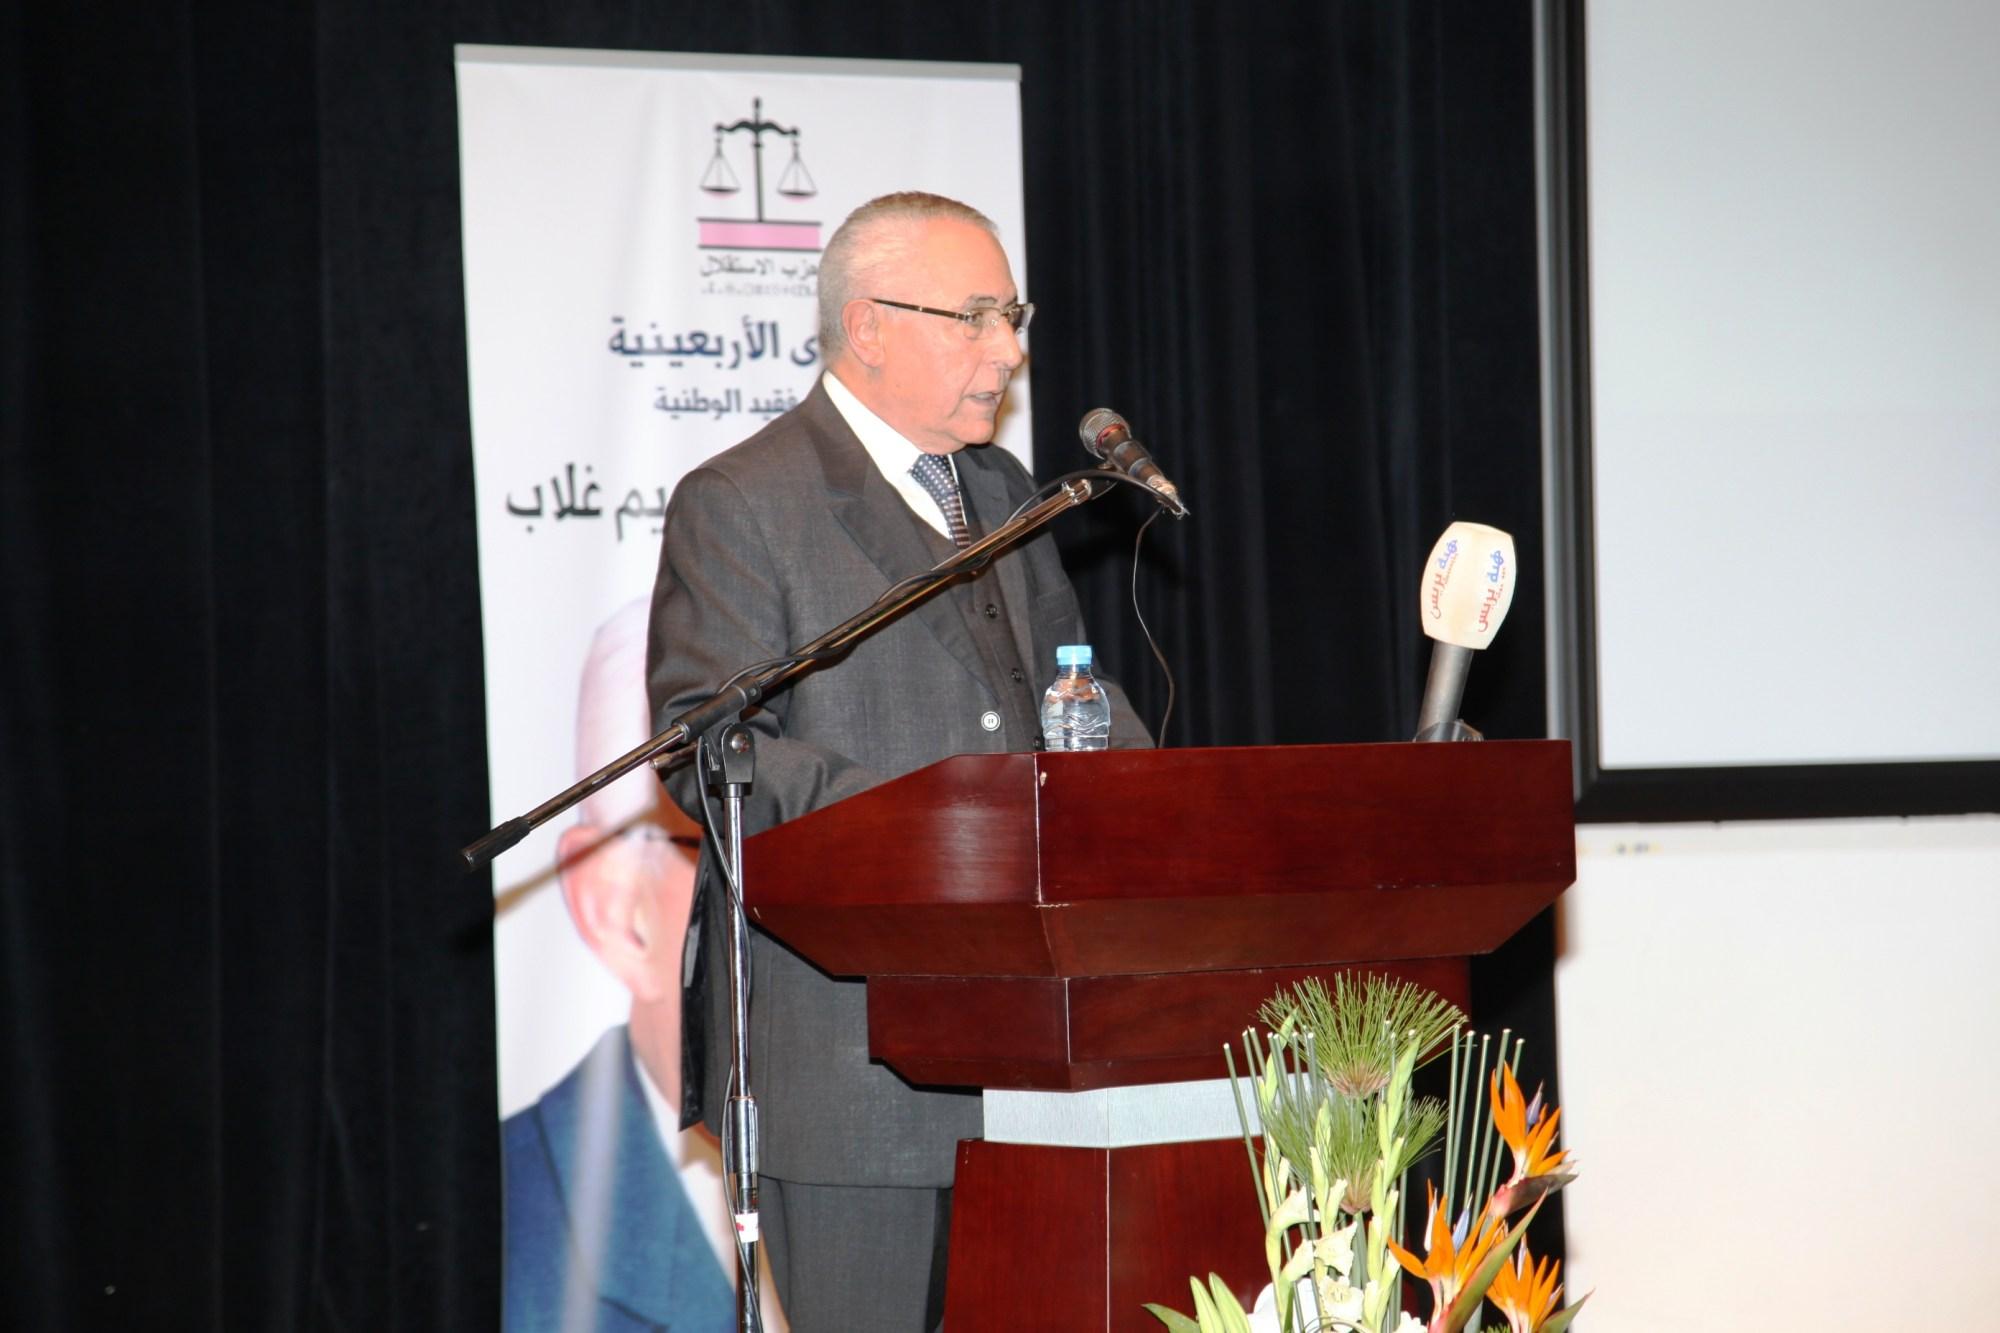 في الذكرى الأربعينية للفقيد المجاهد عبدالكريم غلاب